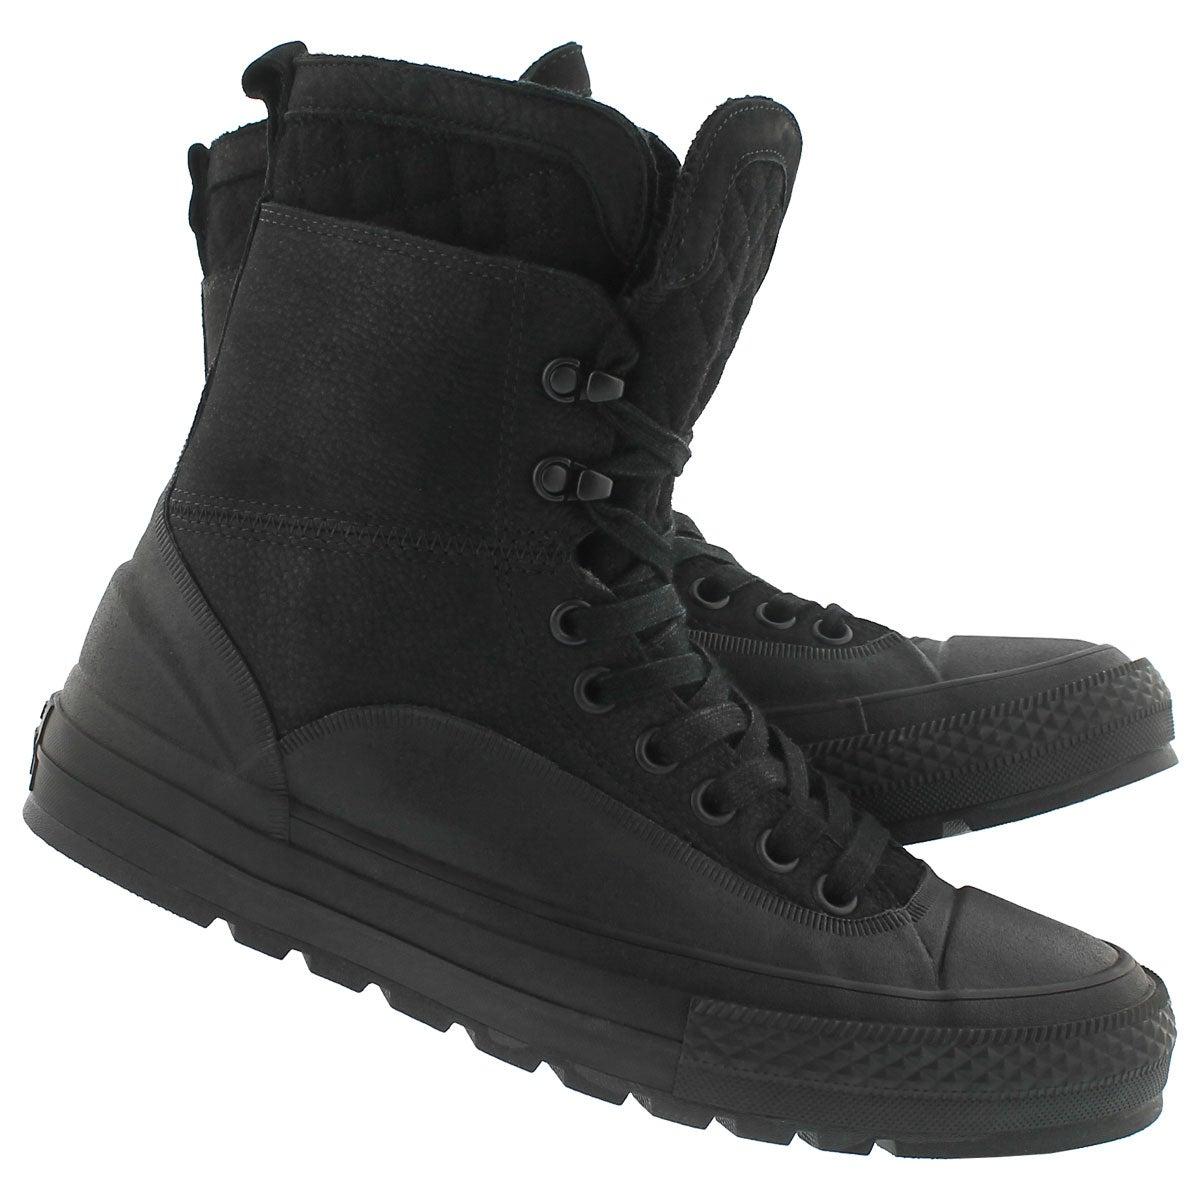 Mns CT A/S Tekoa Lthr Quilt blk mid boot